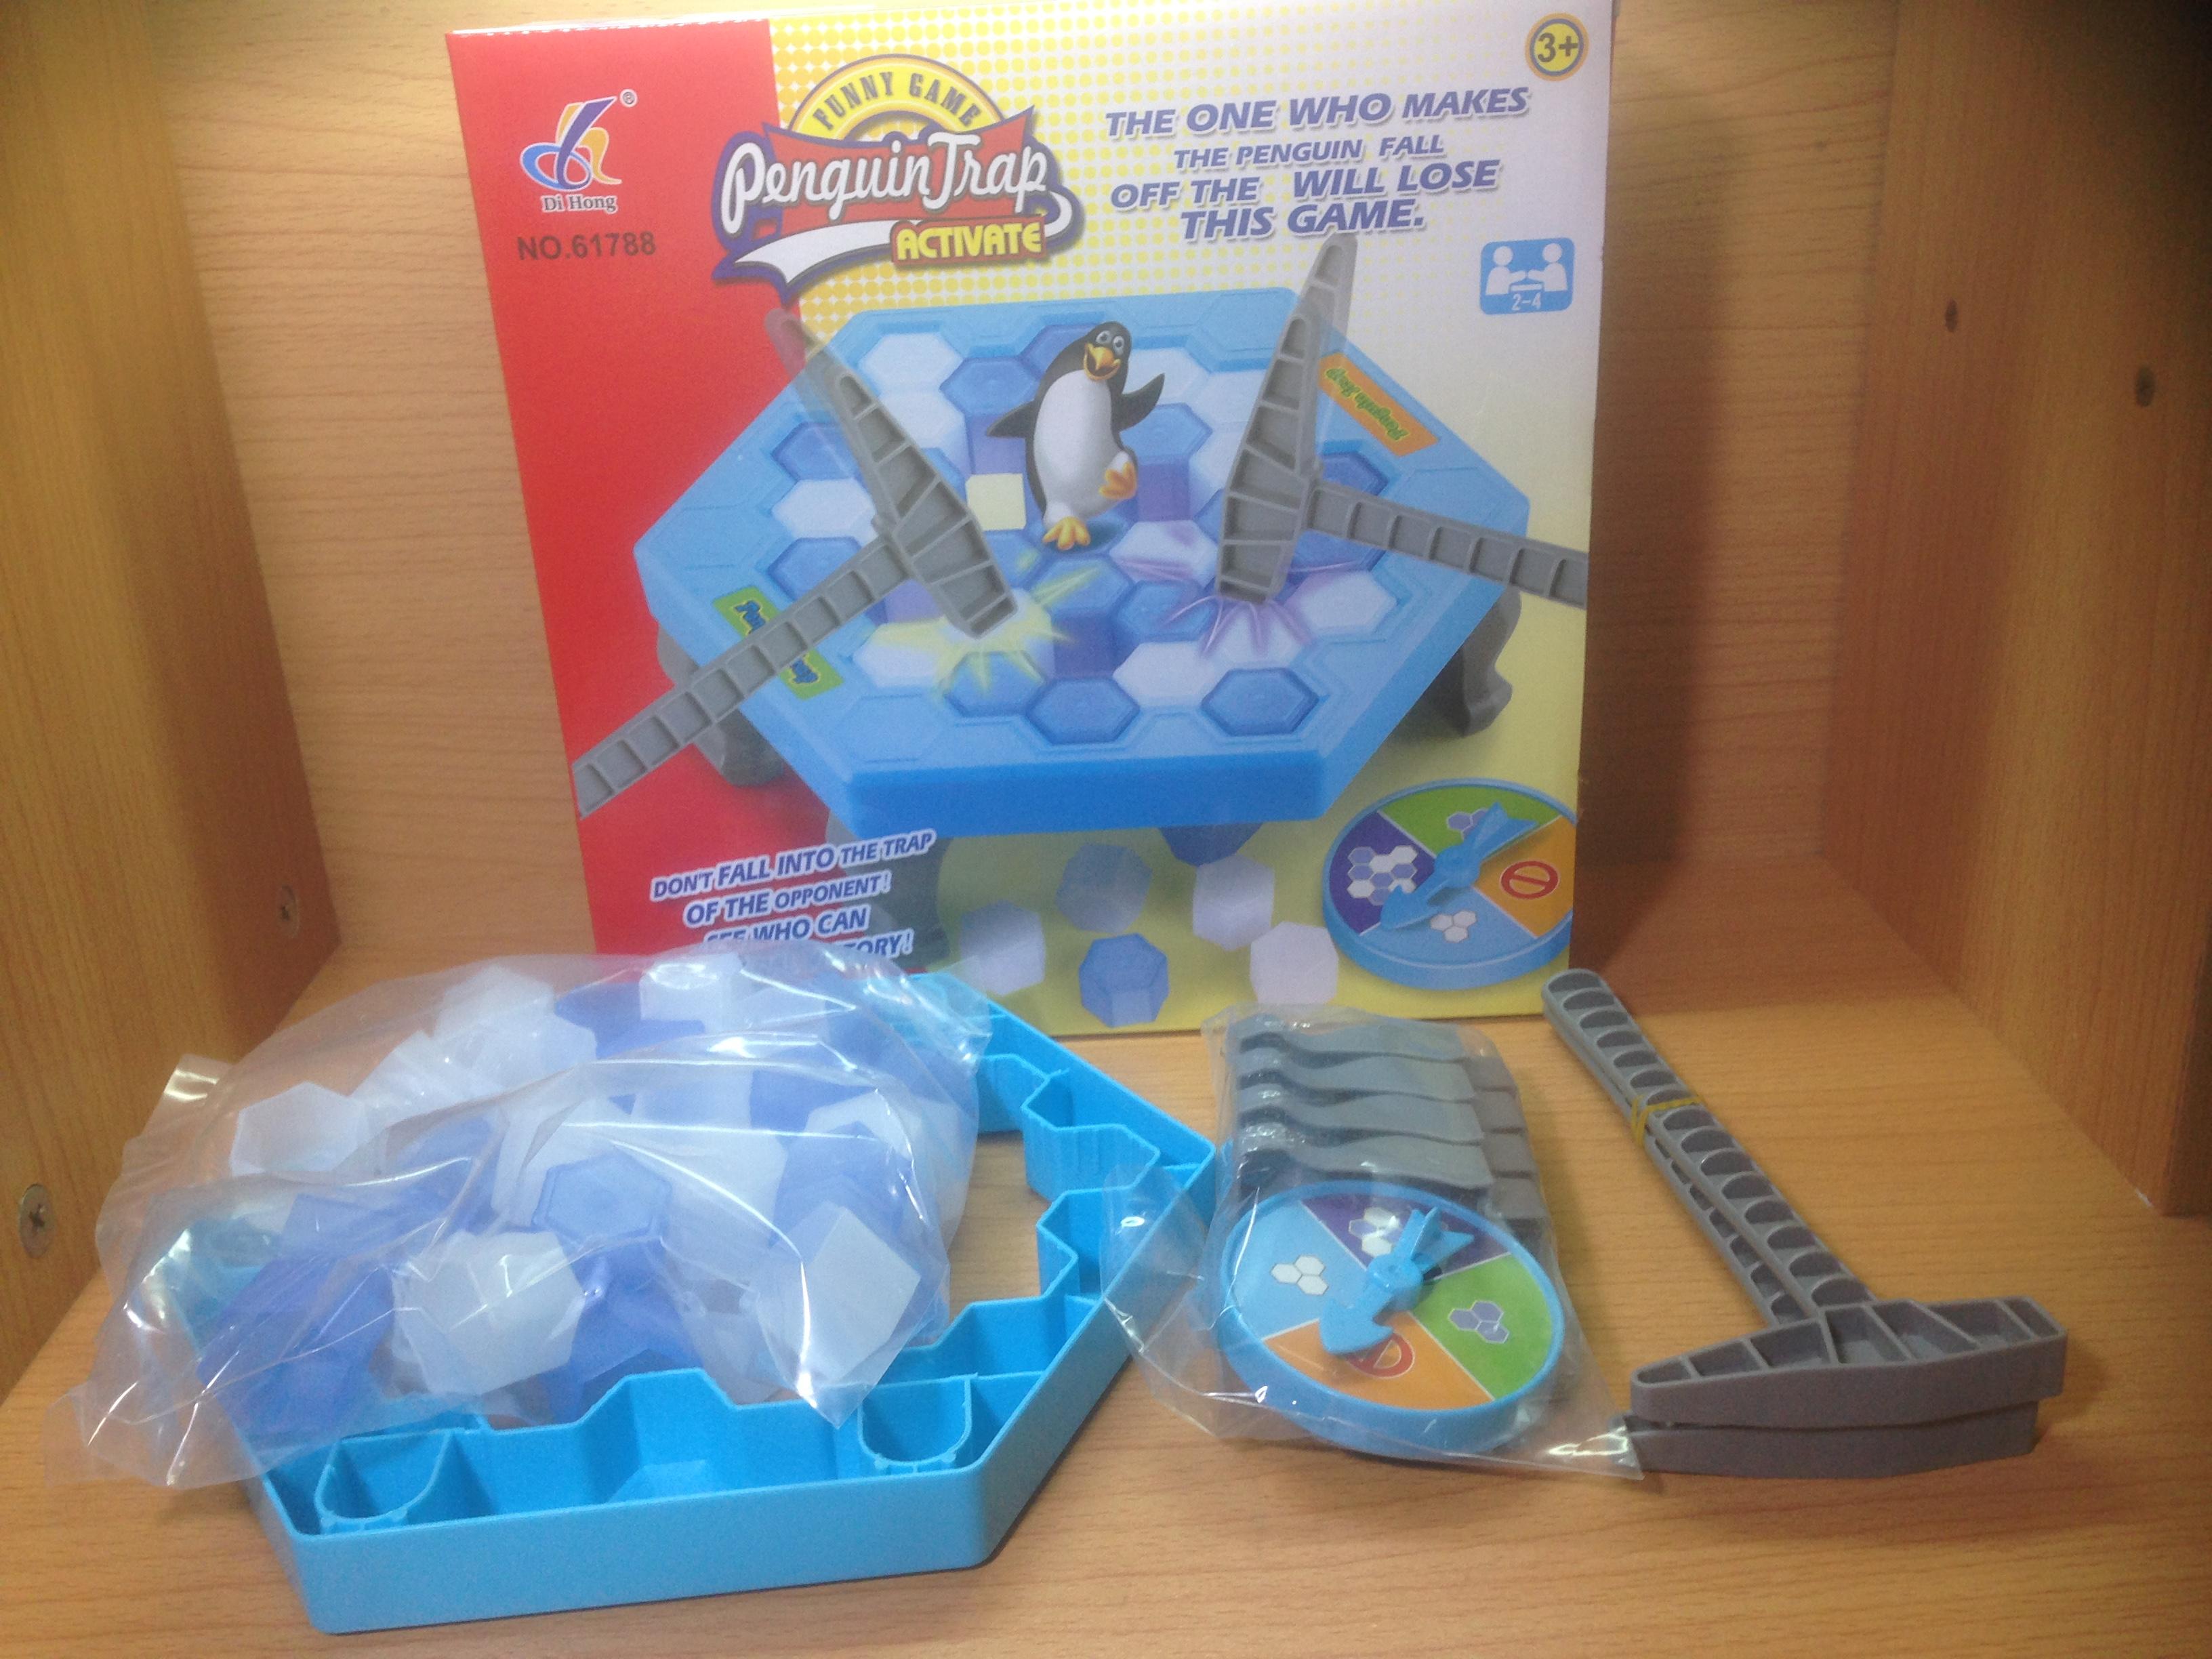 เกมกับดักเพนกวิน(Penguin Trap)